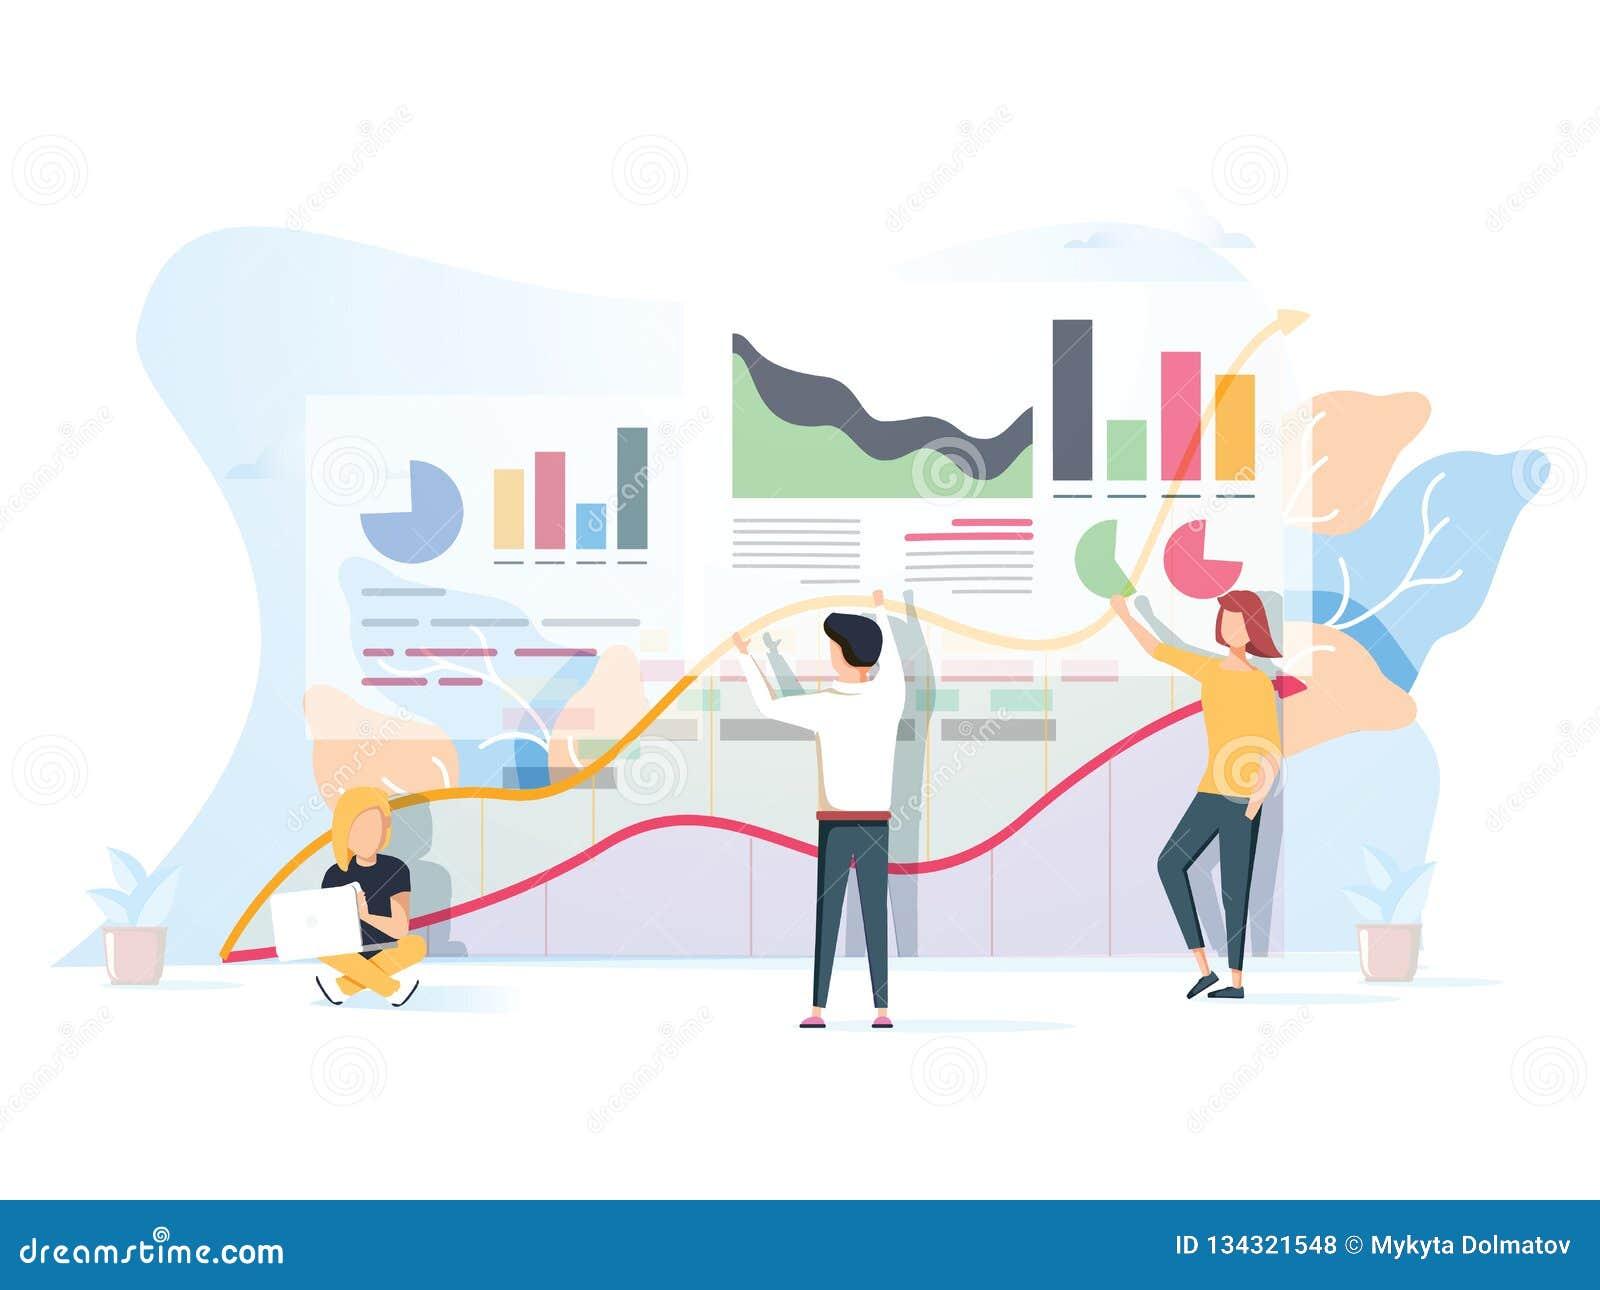 人们在队工作并且与图表互动 事务,领导,工作流管理,办公室情况